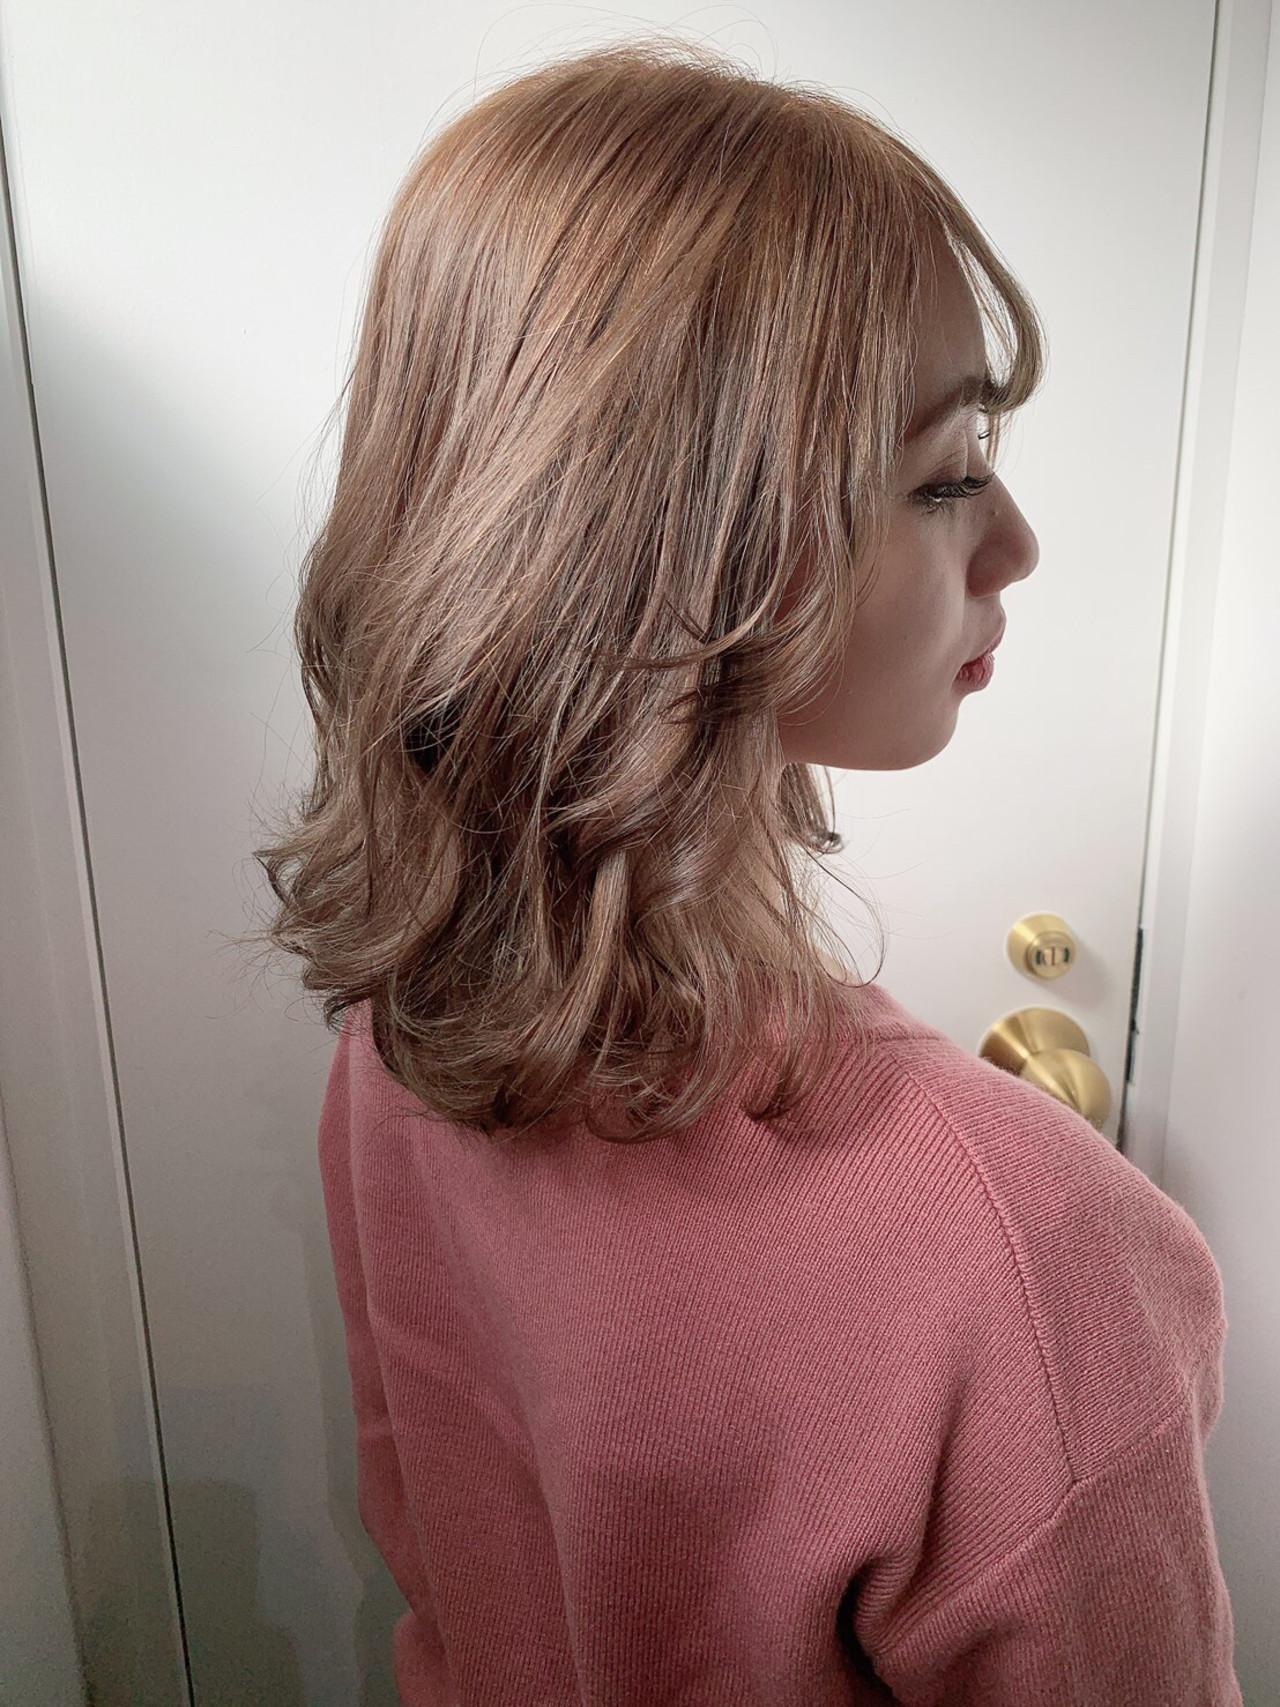 ミディアム 切りっぱなしボブ ナチュラル グレージュ ヘアスタイルや髪型の写真・画像 | COM PASS タイチ / COM PASS